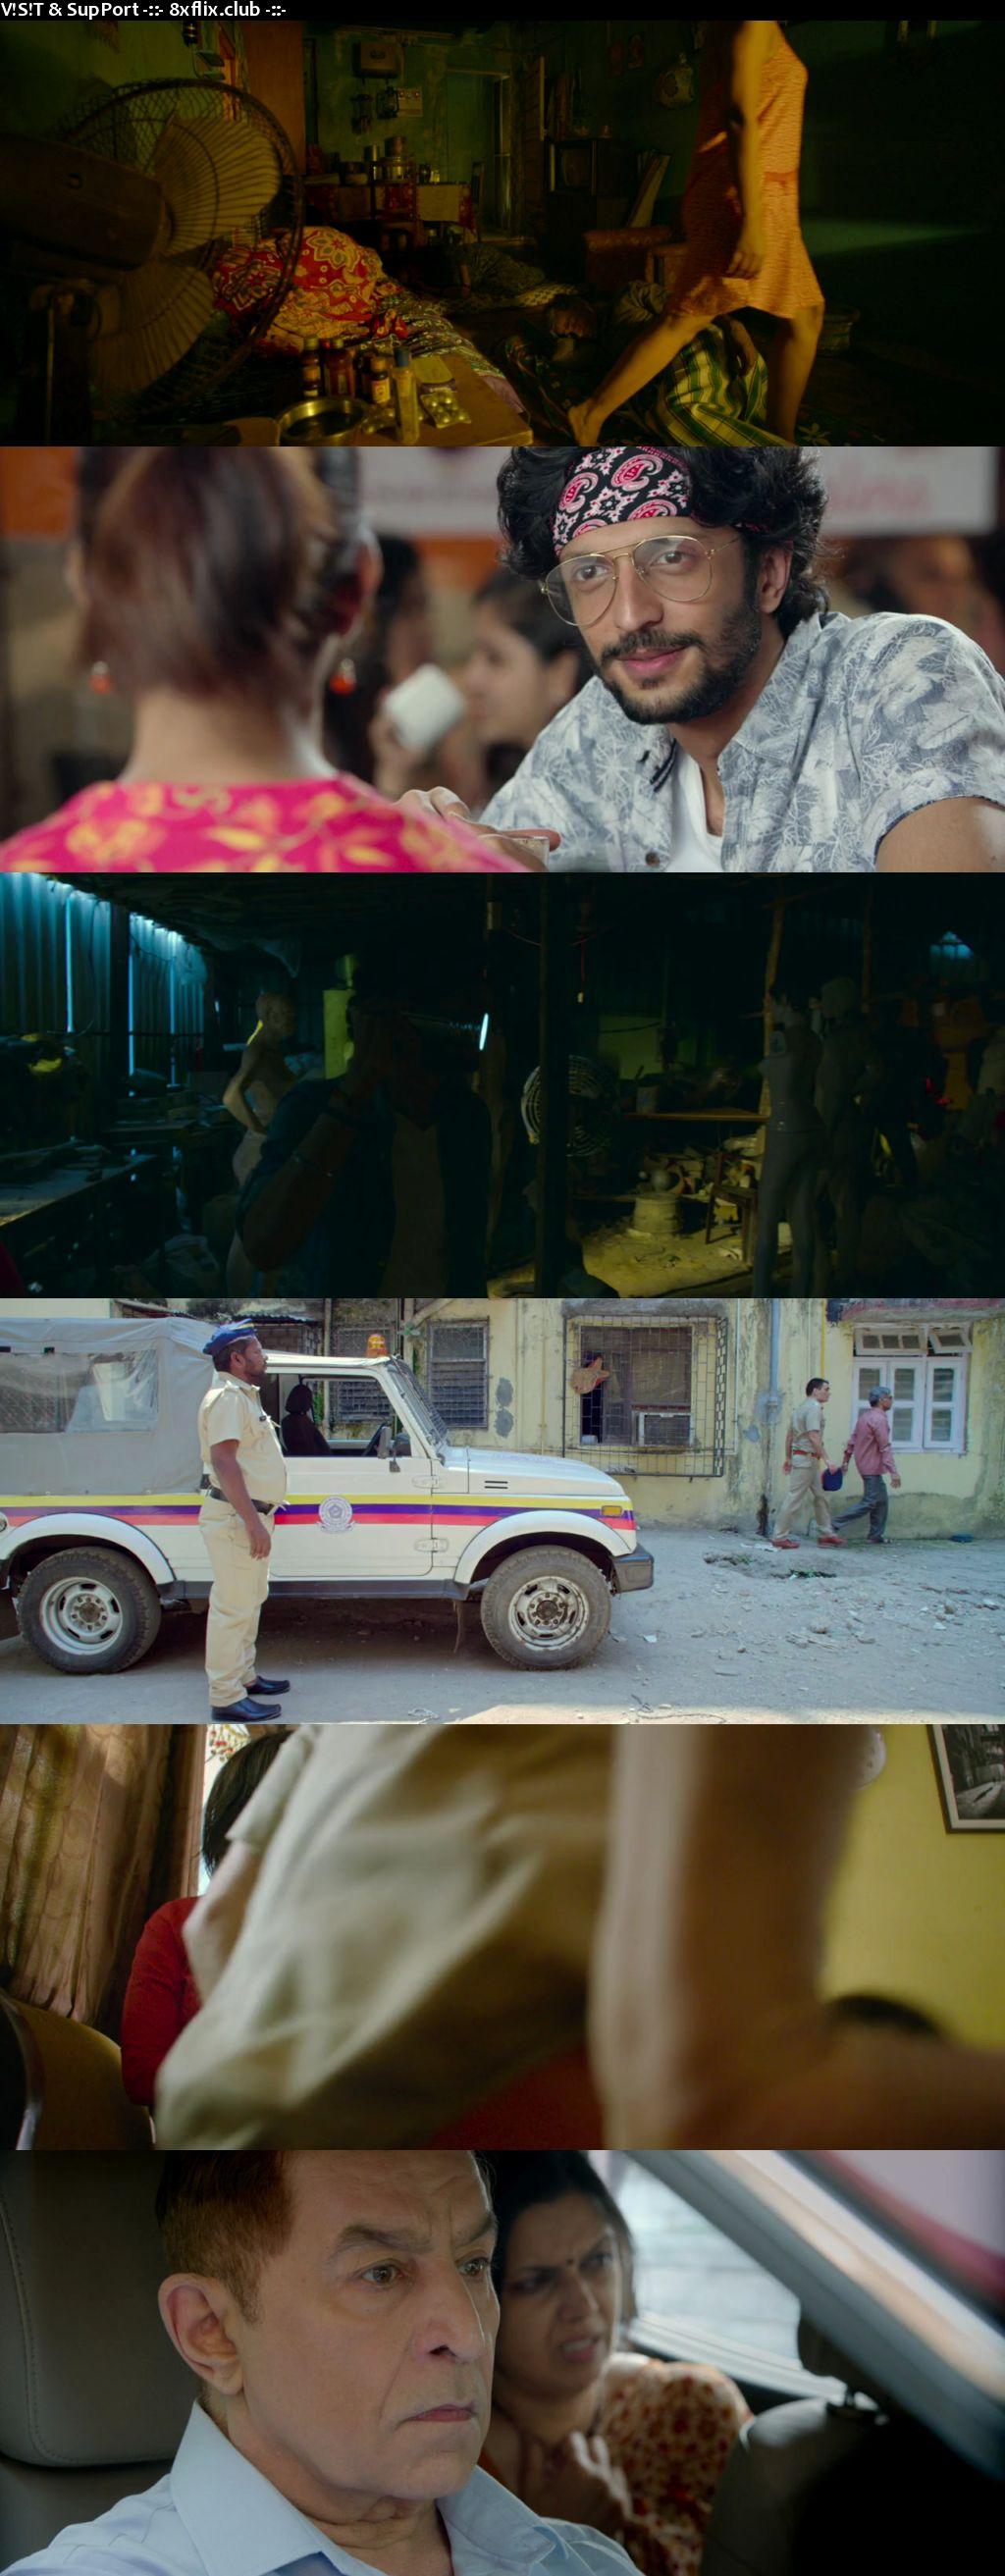 12 O' Clock 2021 Full Hindi Movie Download 720p 480p Web-DL HD